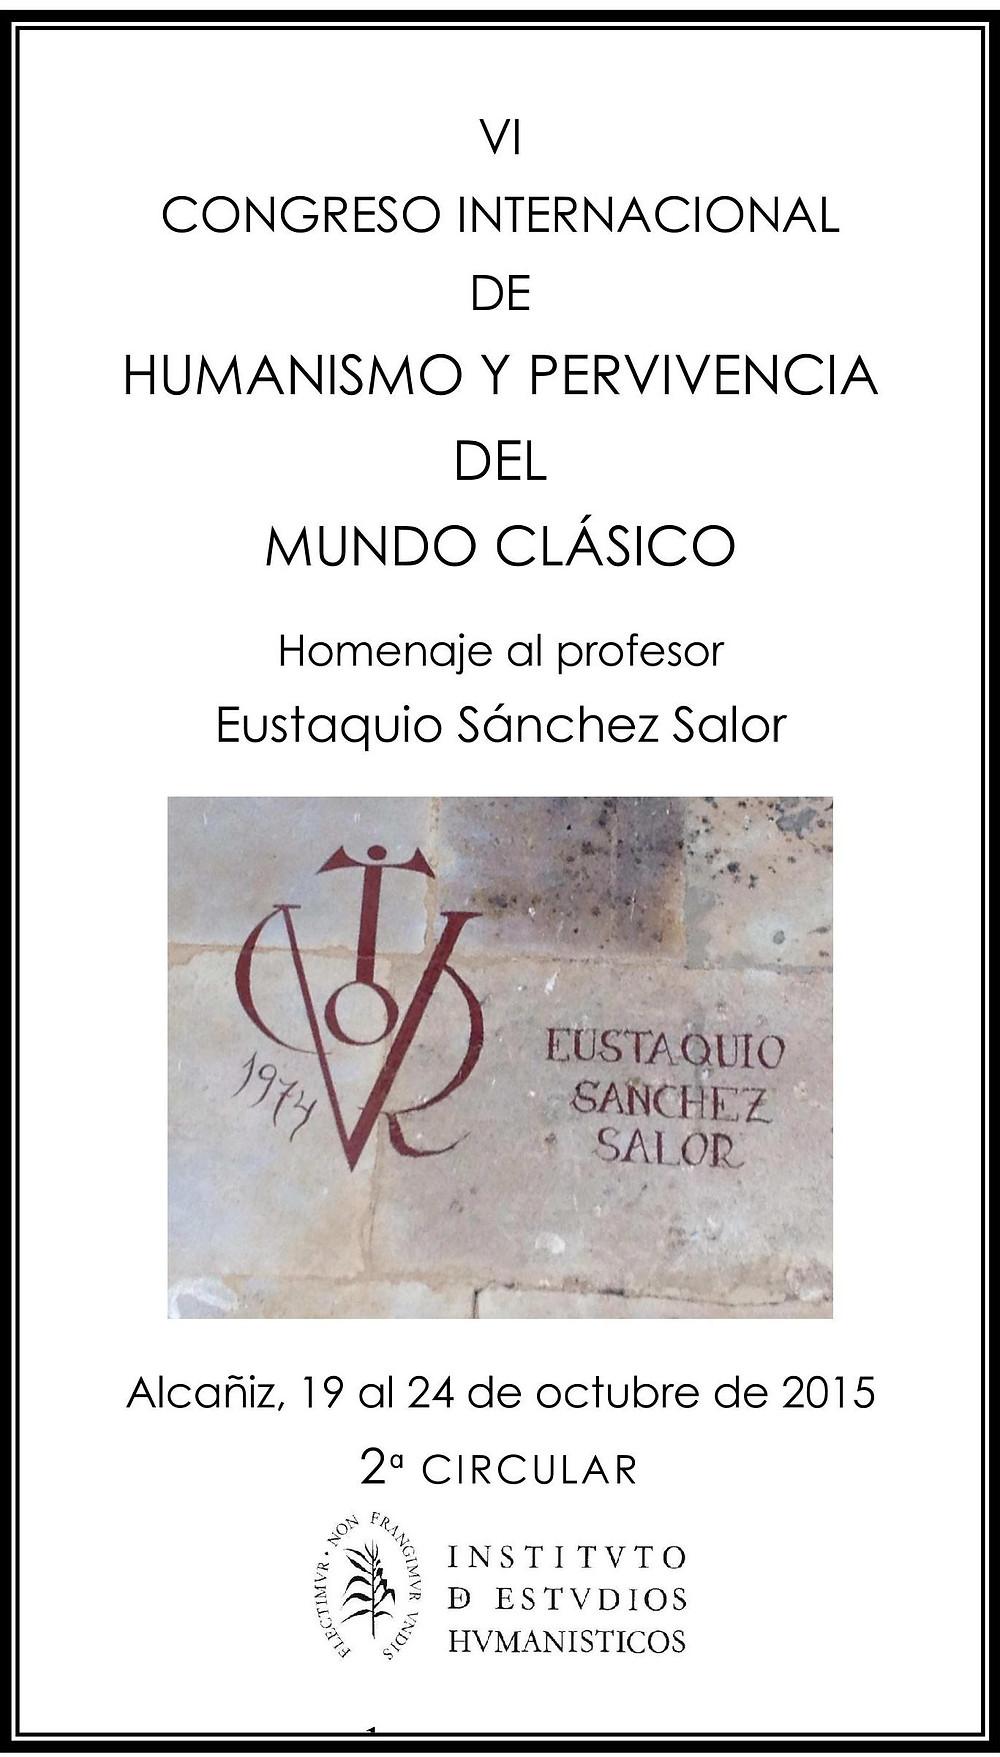 Humanismo_y_pervivencia_(Alcañiz).jpg